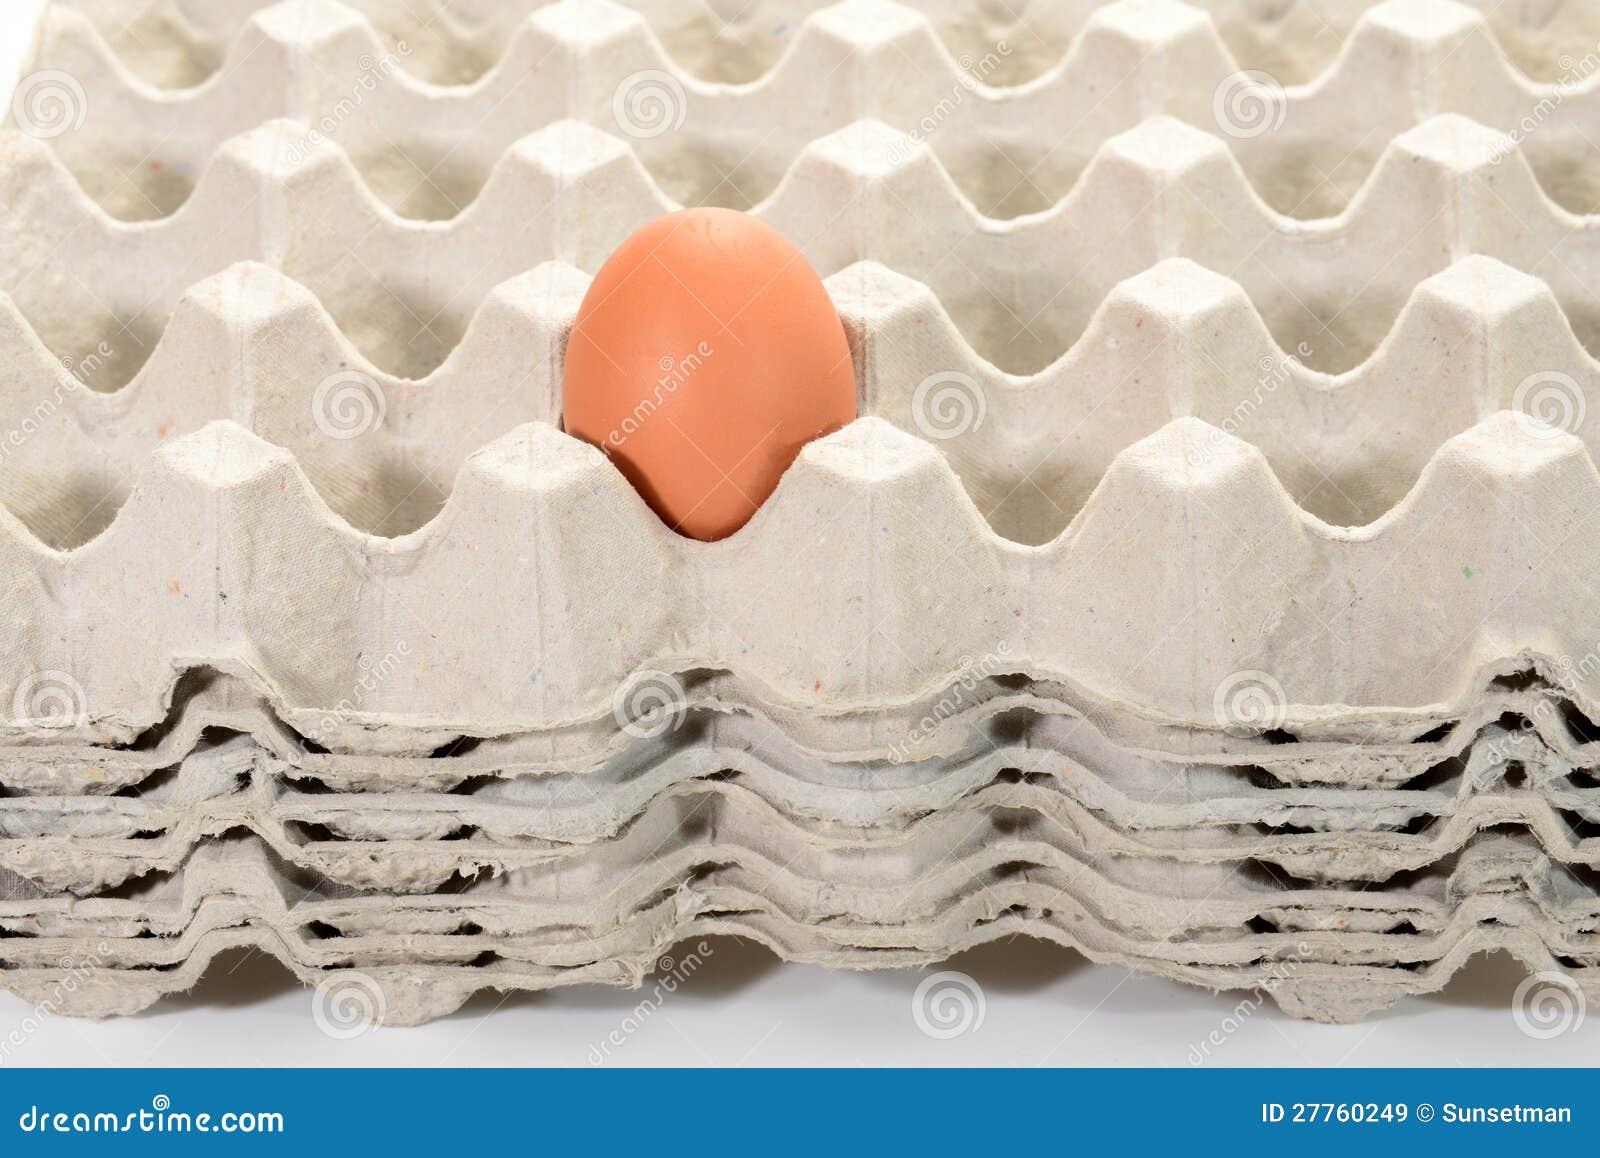 Egg sur une pile de plateaux d oeufs